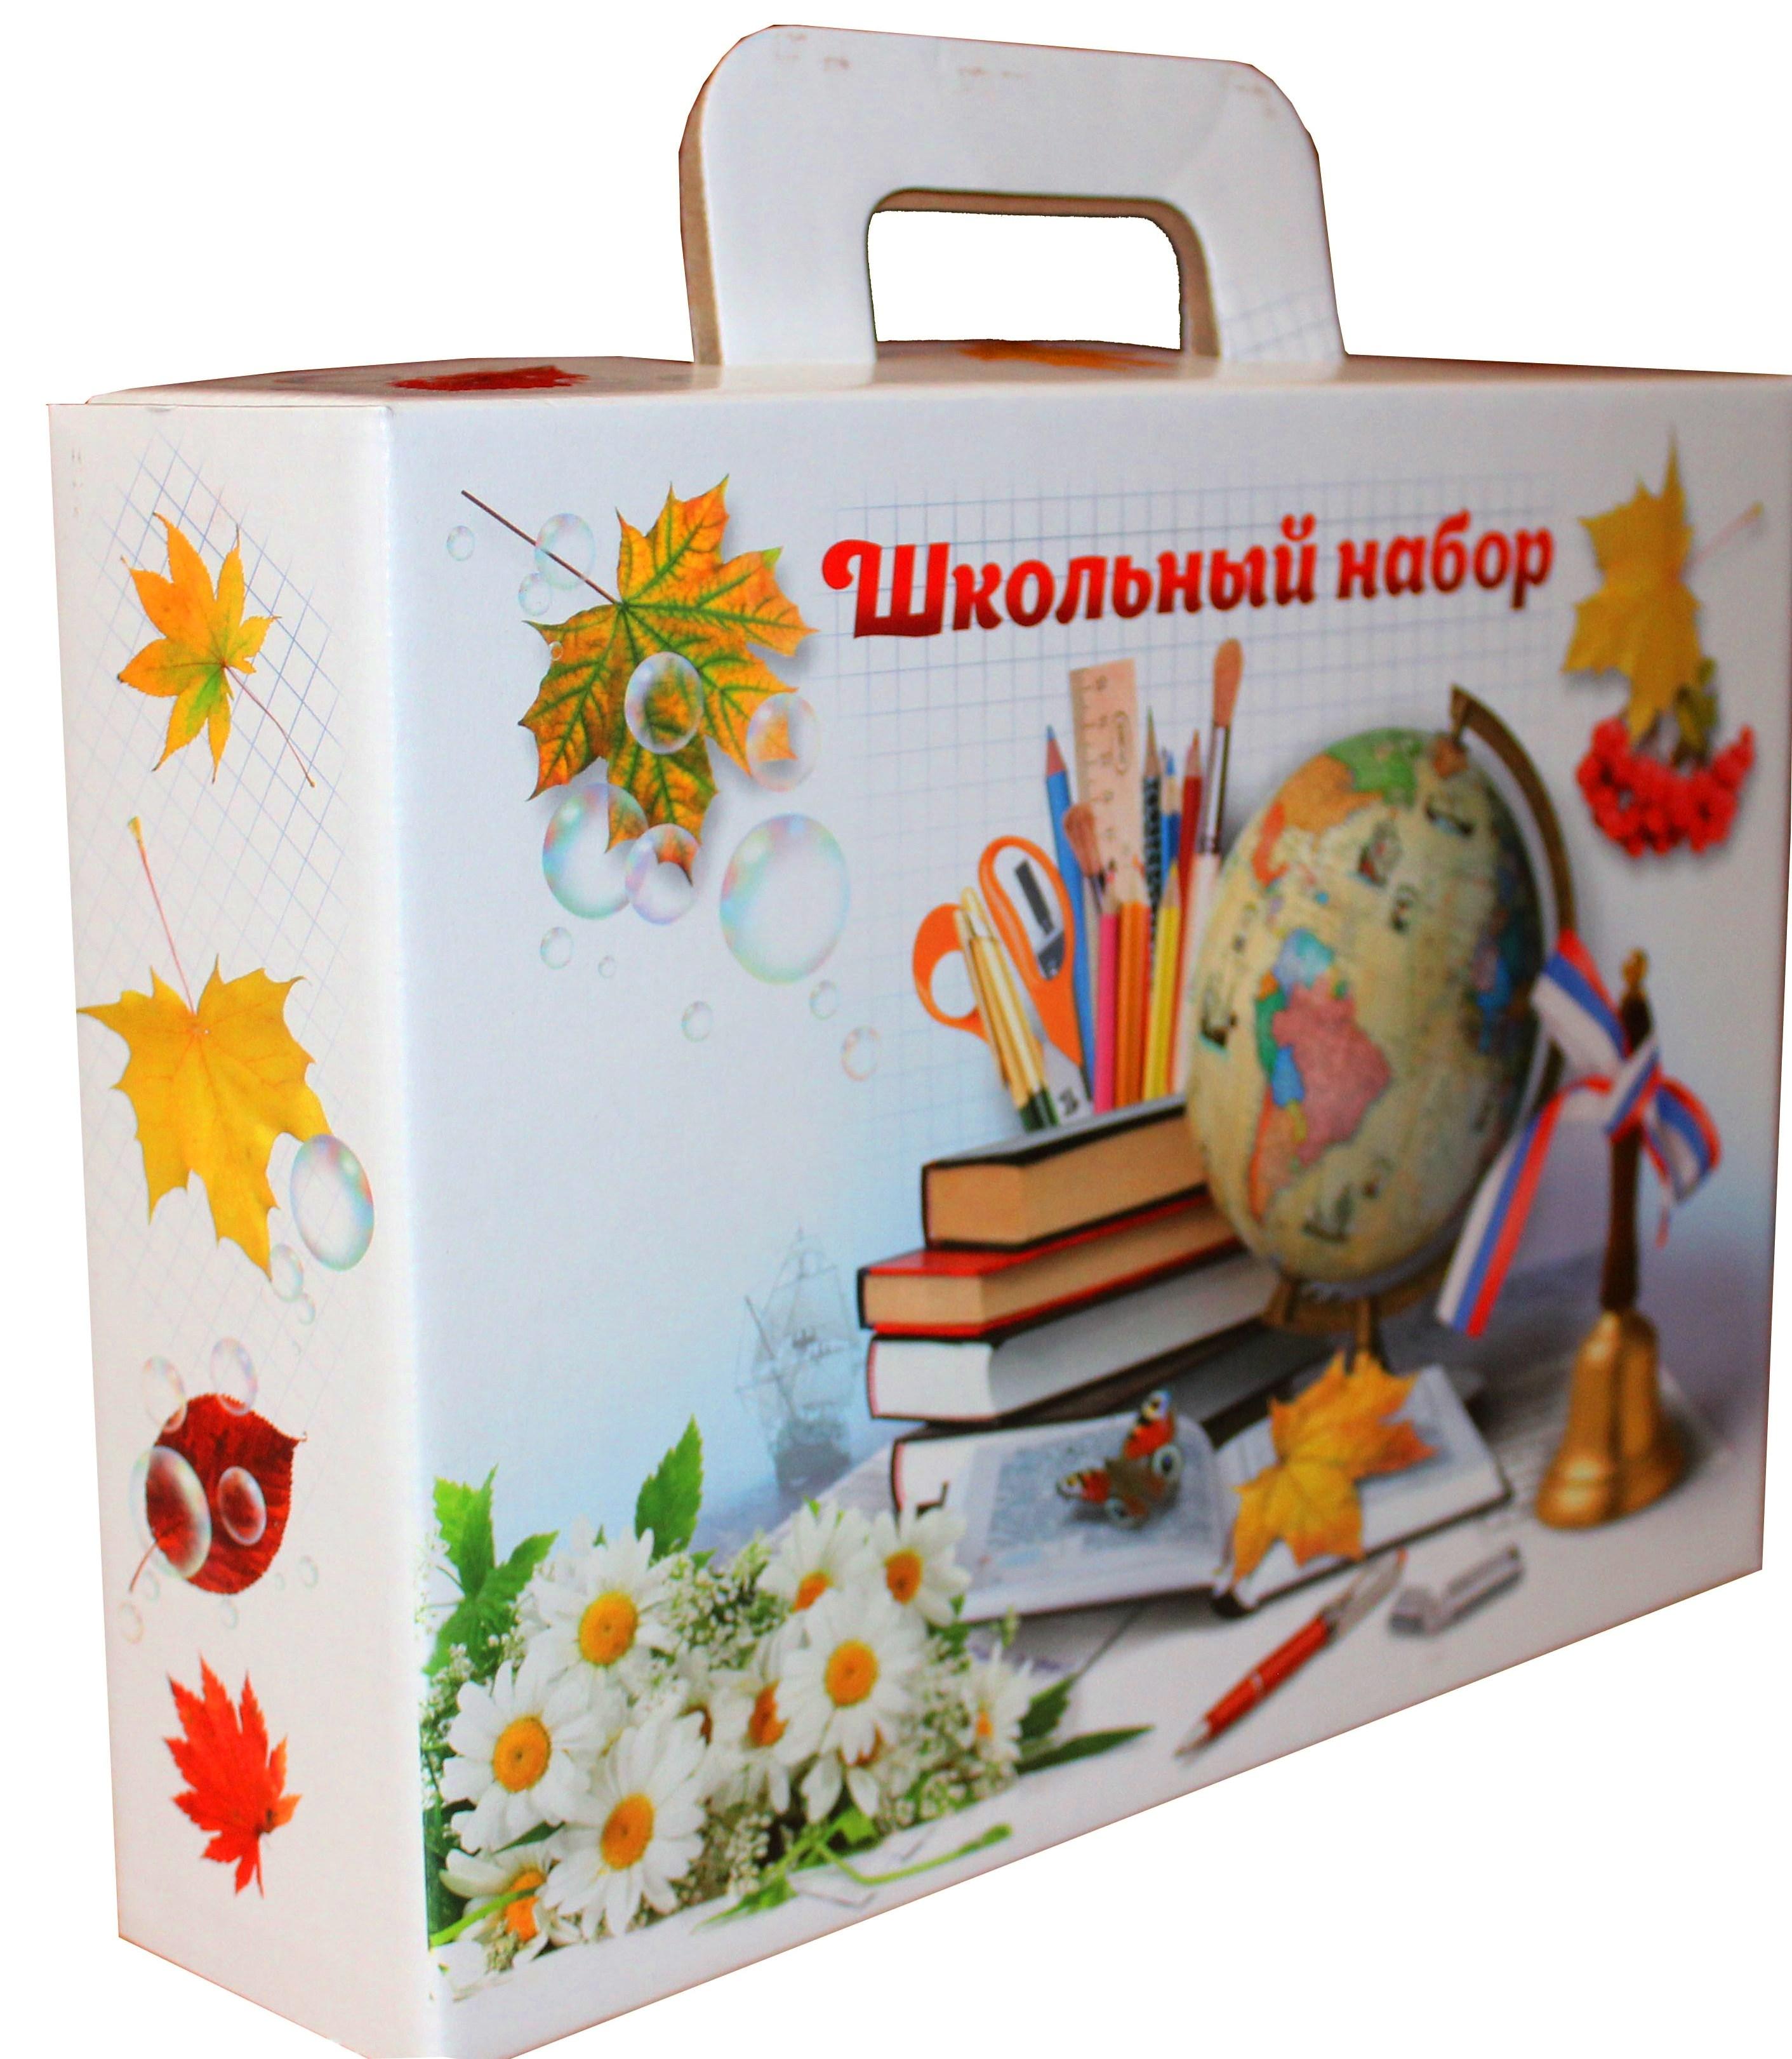 Подарки персоналу детского сада на выпускной: идеи и варианты 68